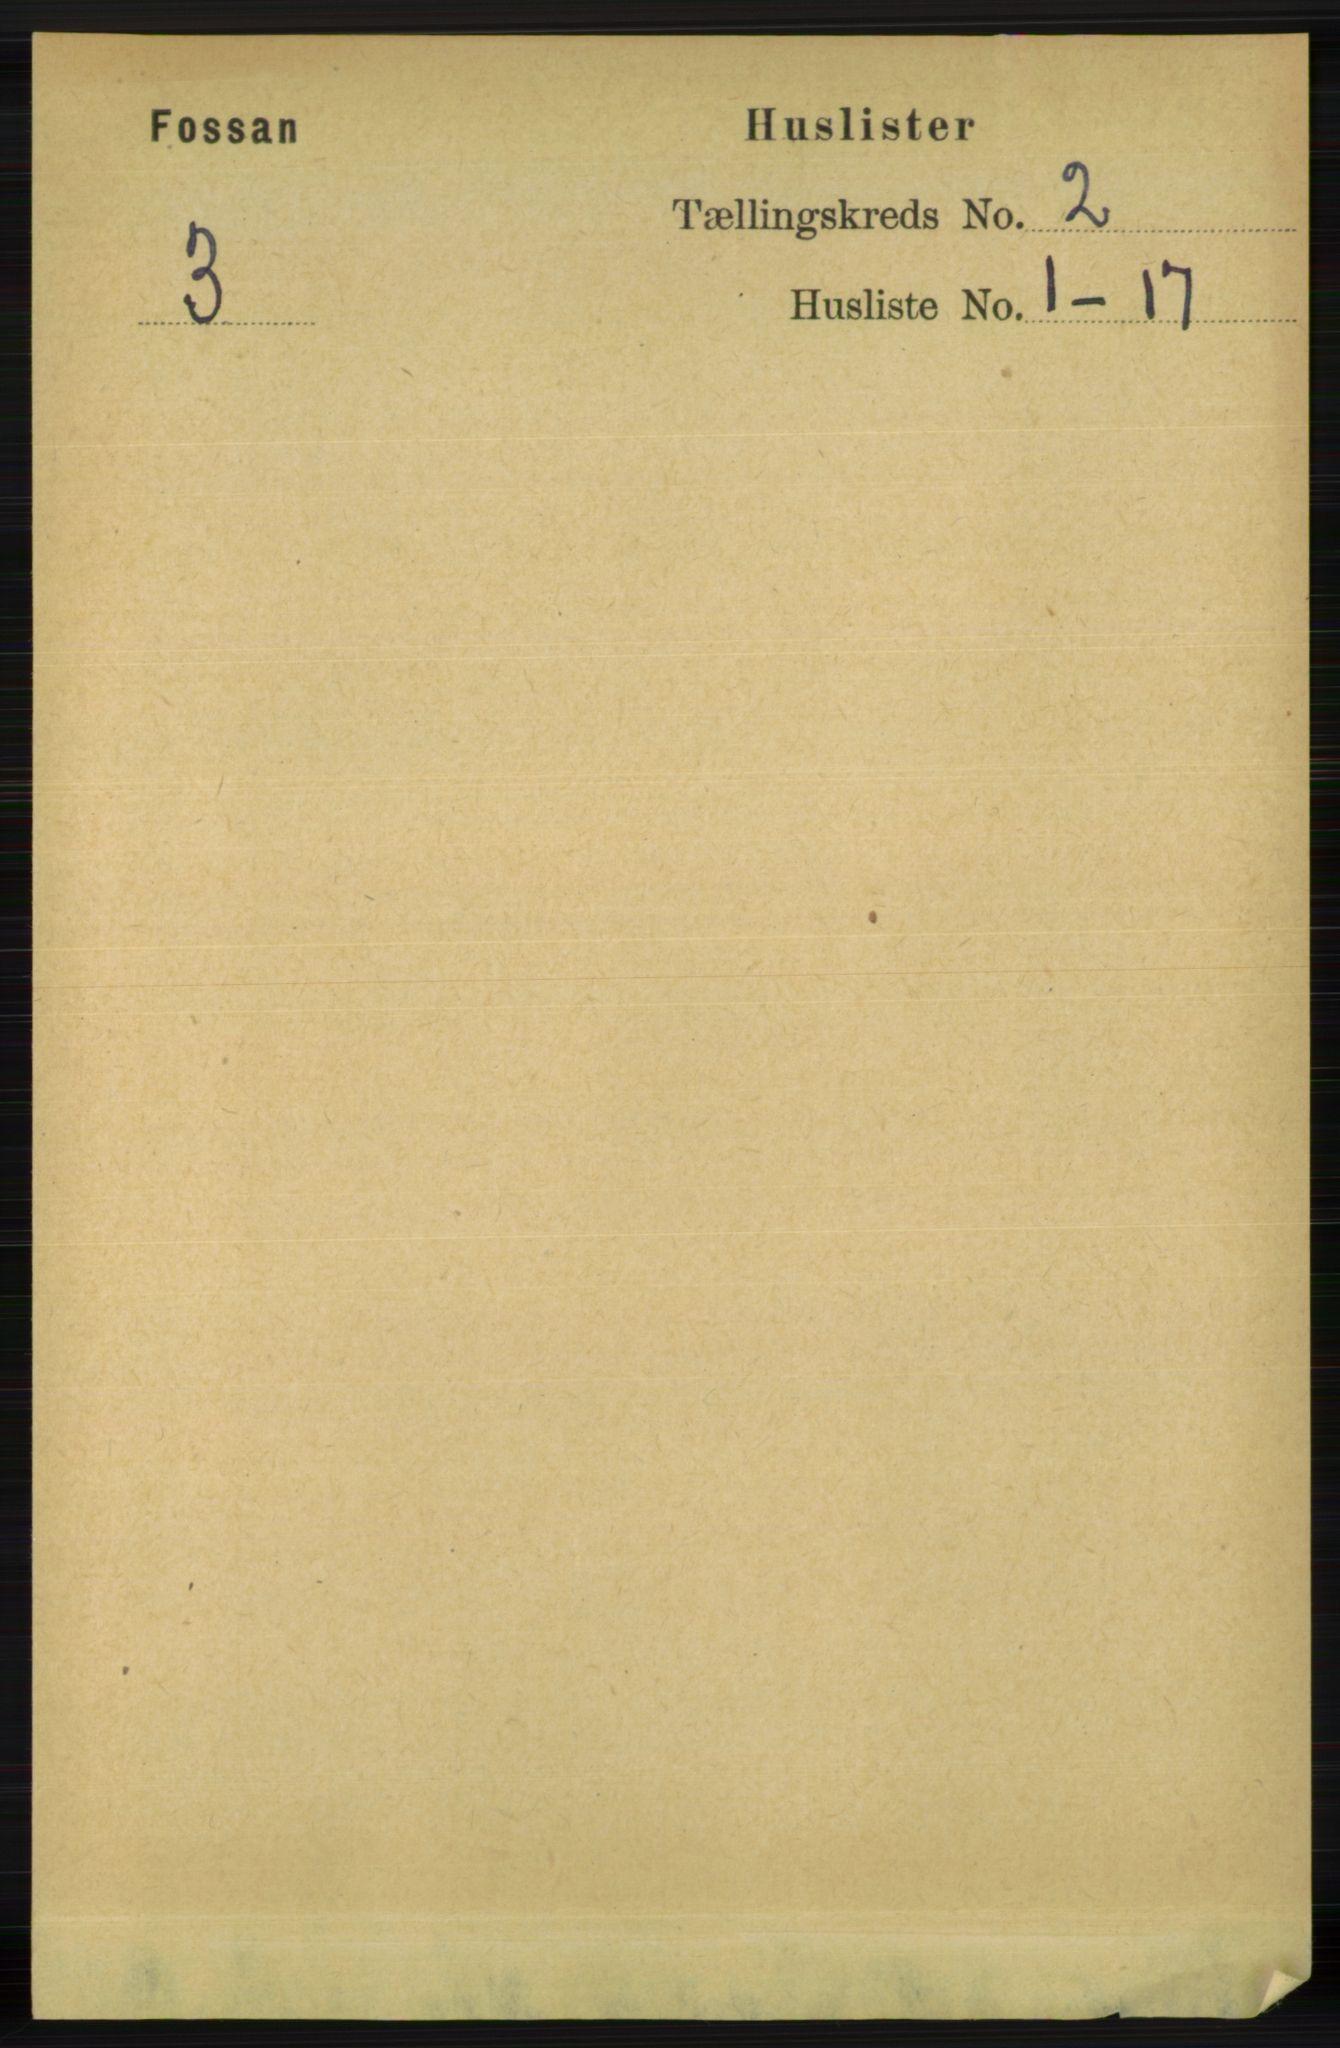 RA, Folketelling 1891 for 1129 Forsand herred, 1891, s. 183